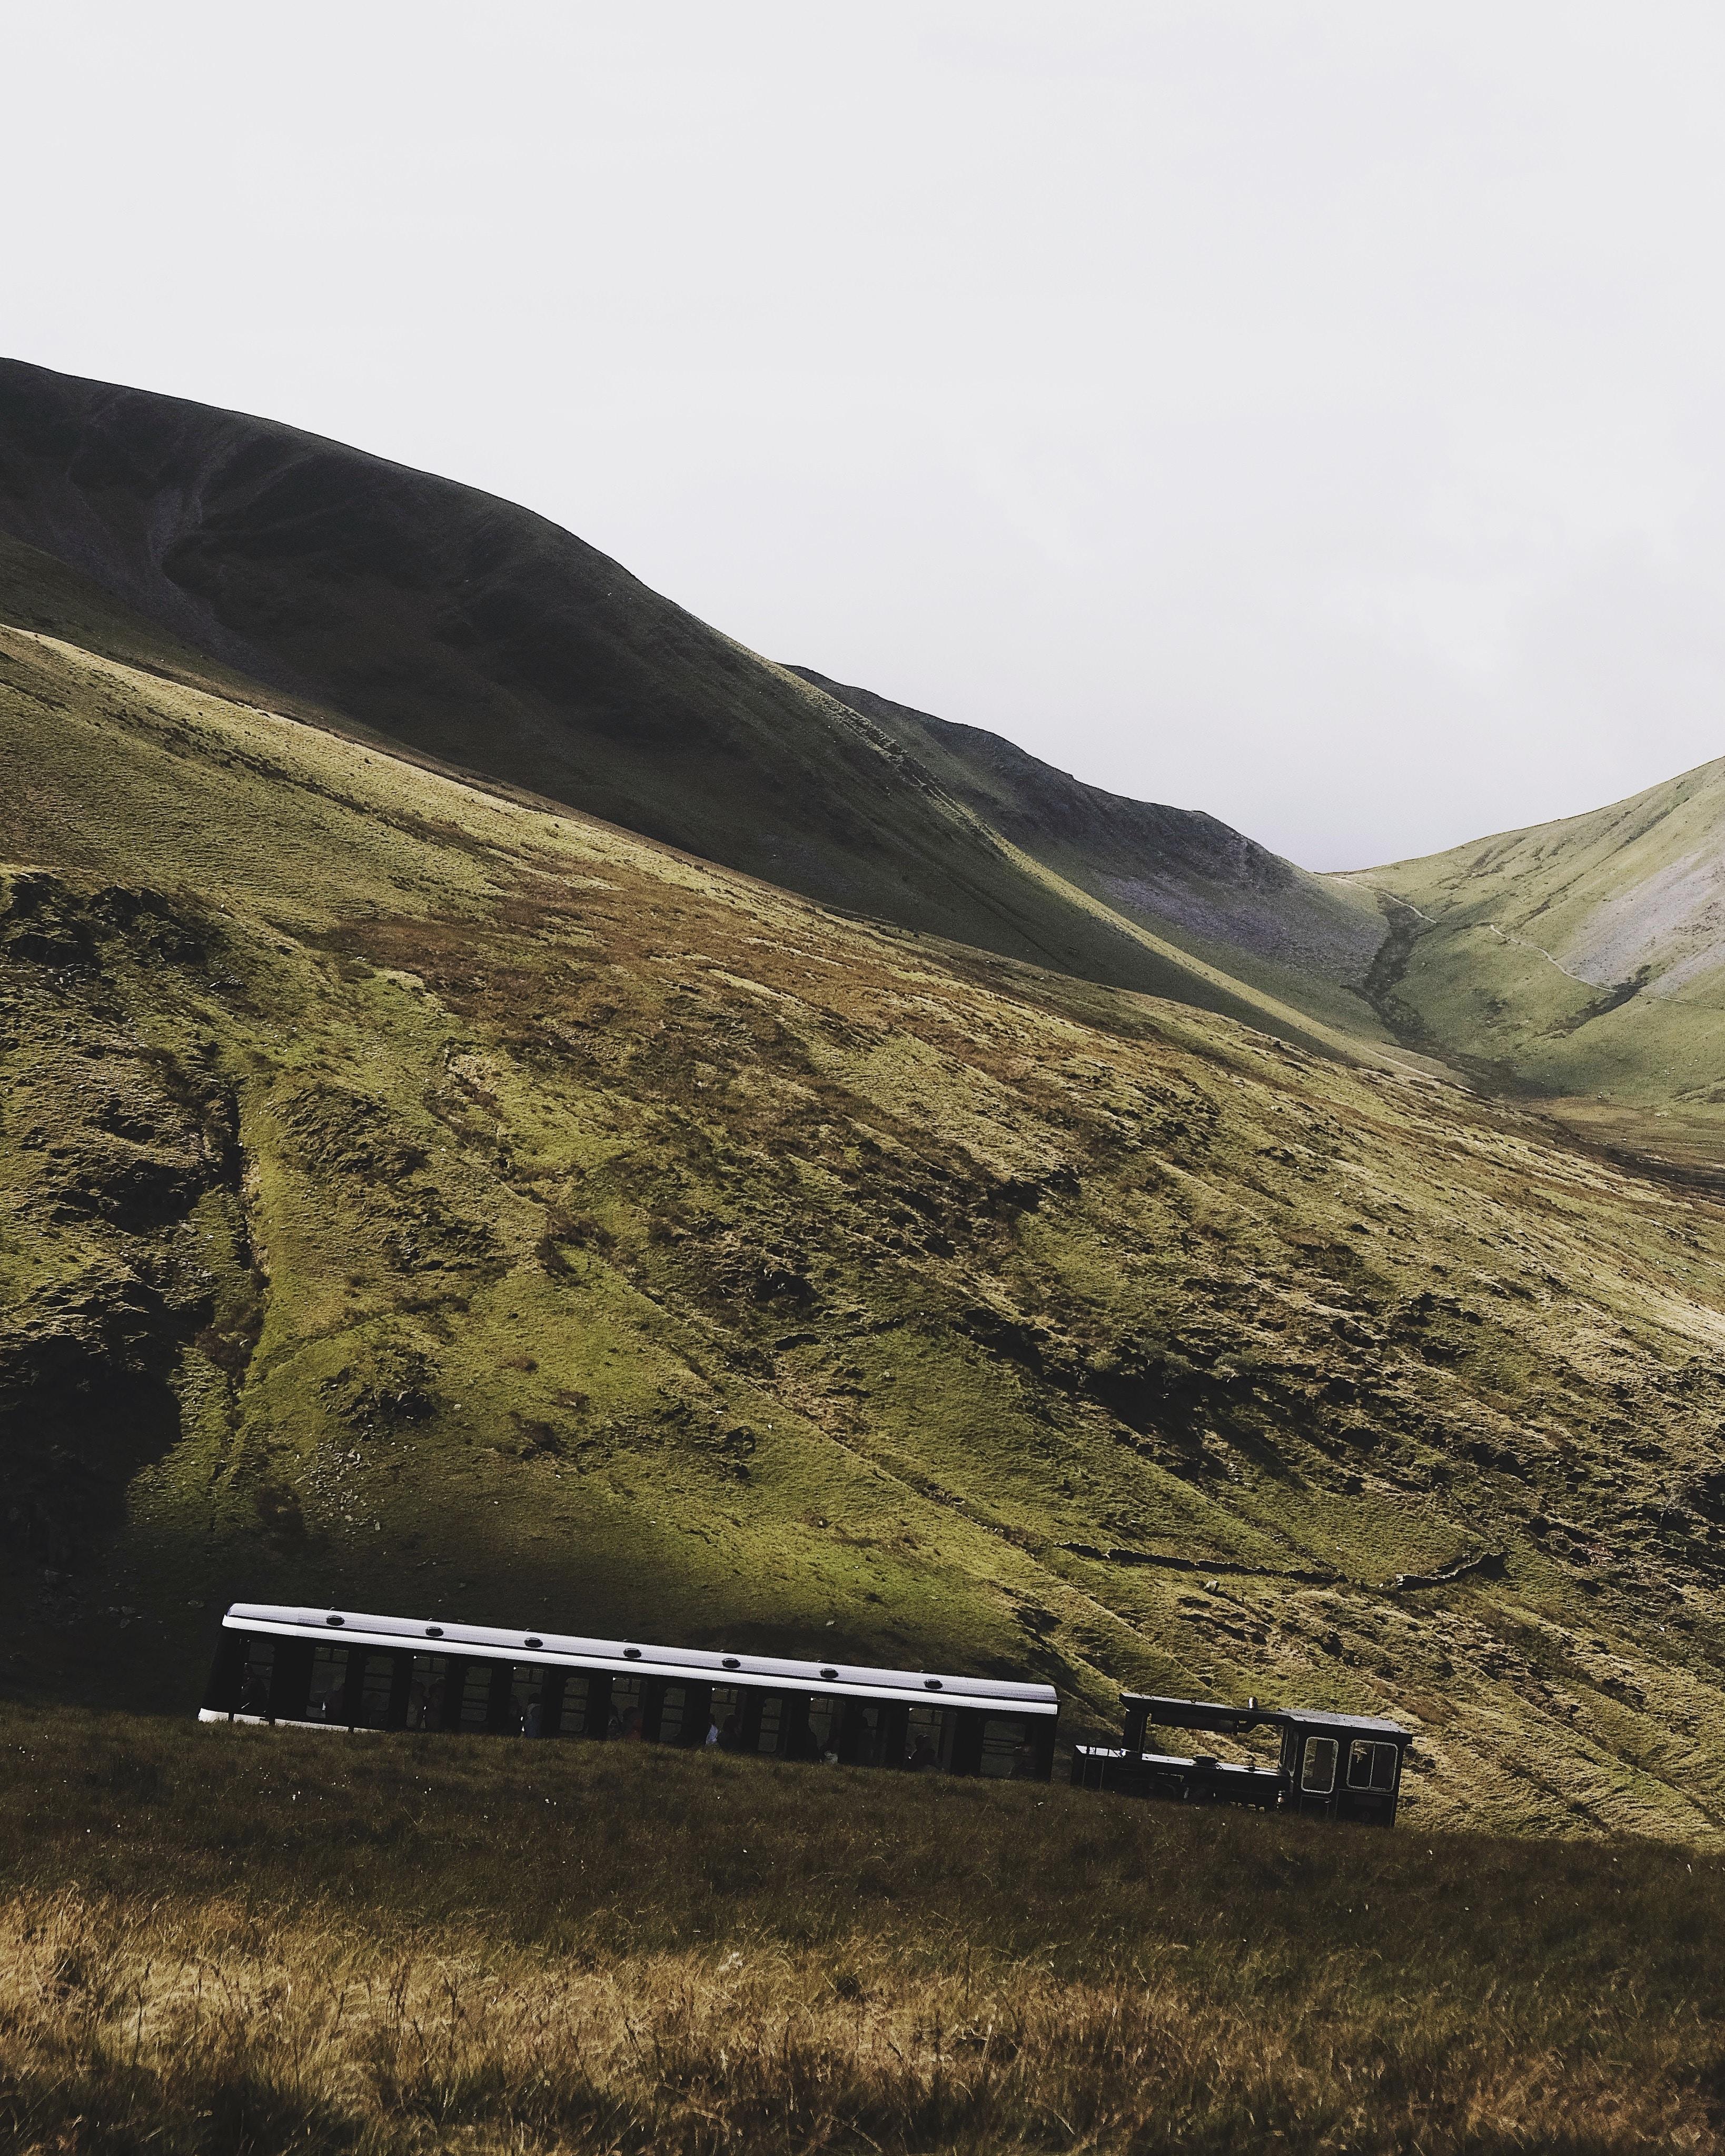 train beside mountain under gray sky